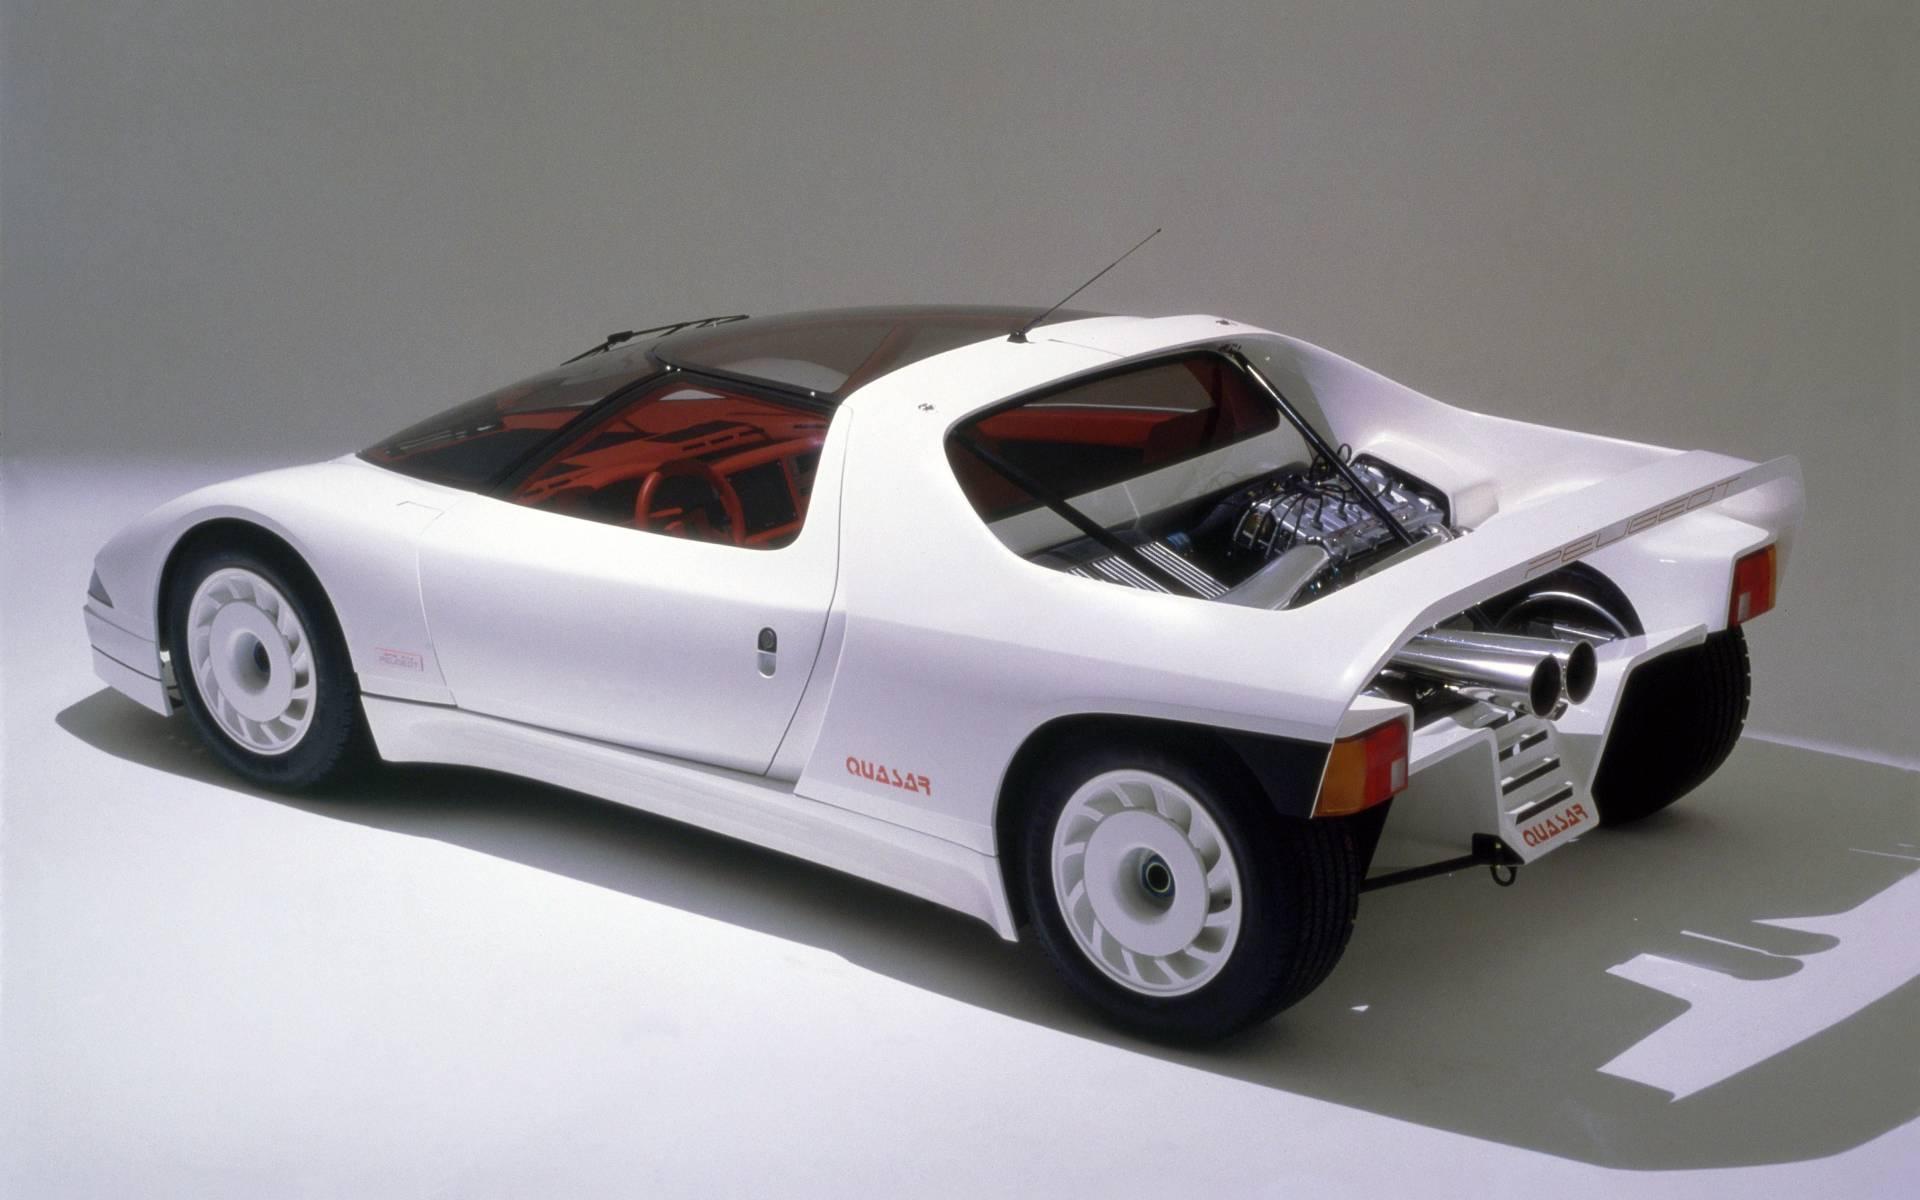 Peugeot Quasar : 600 chevaux et un système multimédia...en 1984 ! 419630-peugeot-quasar-la-renaissance-du-lion